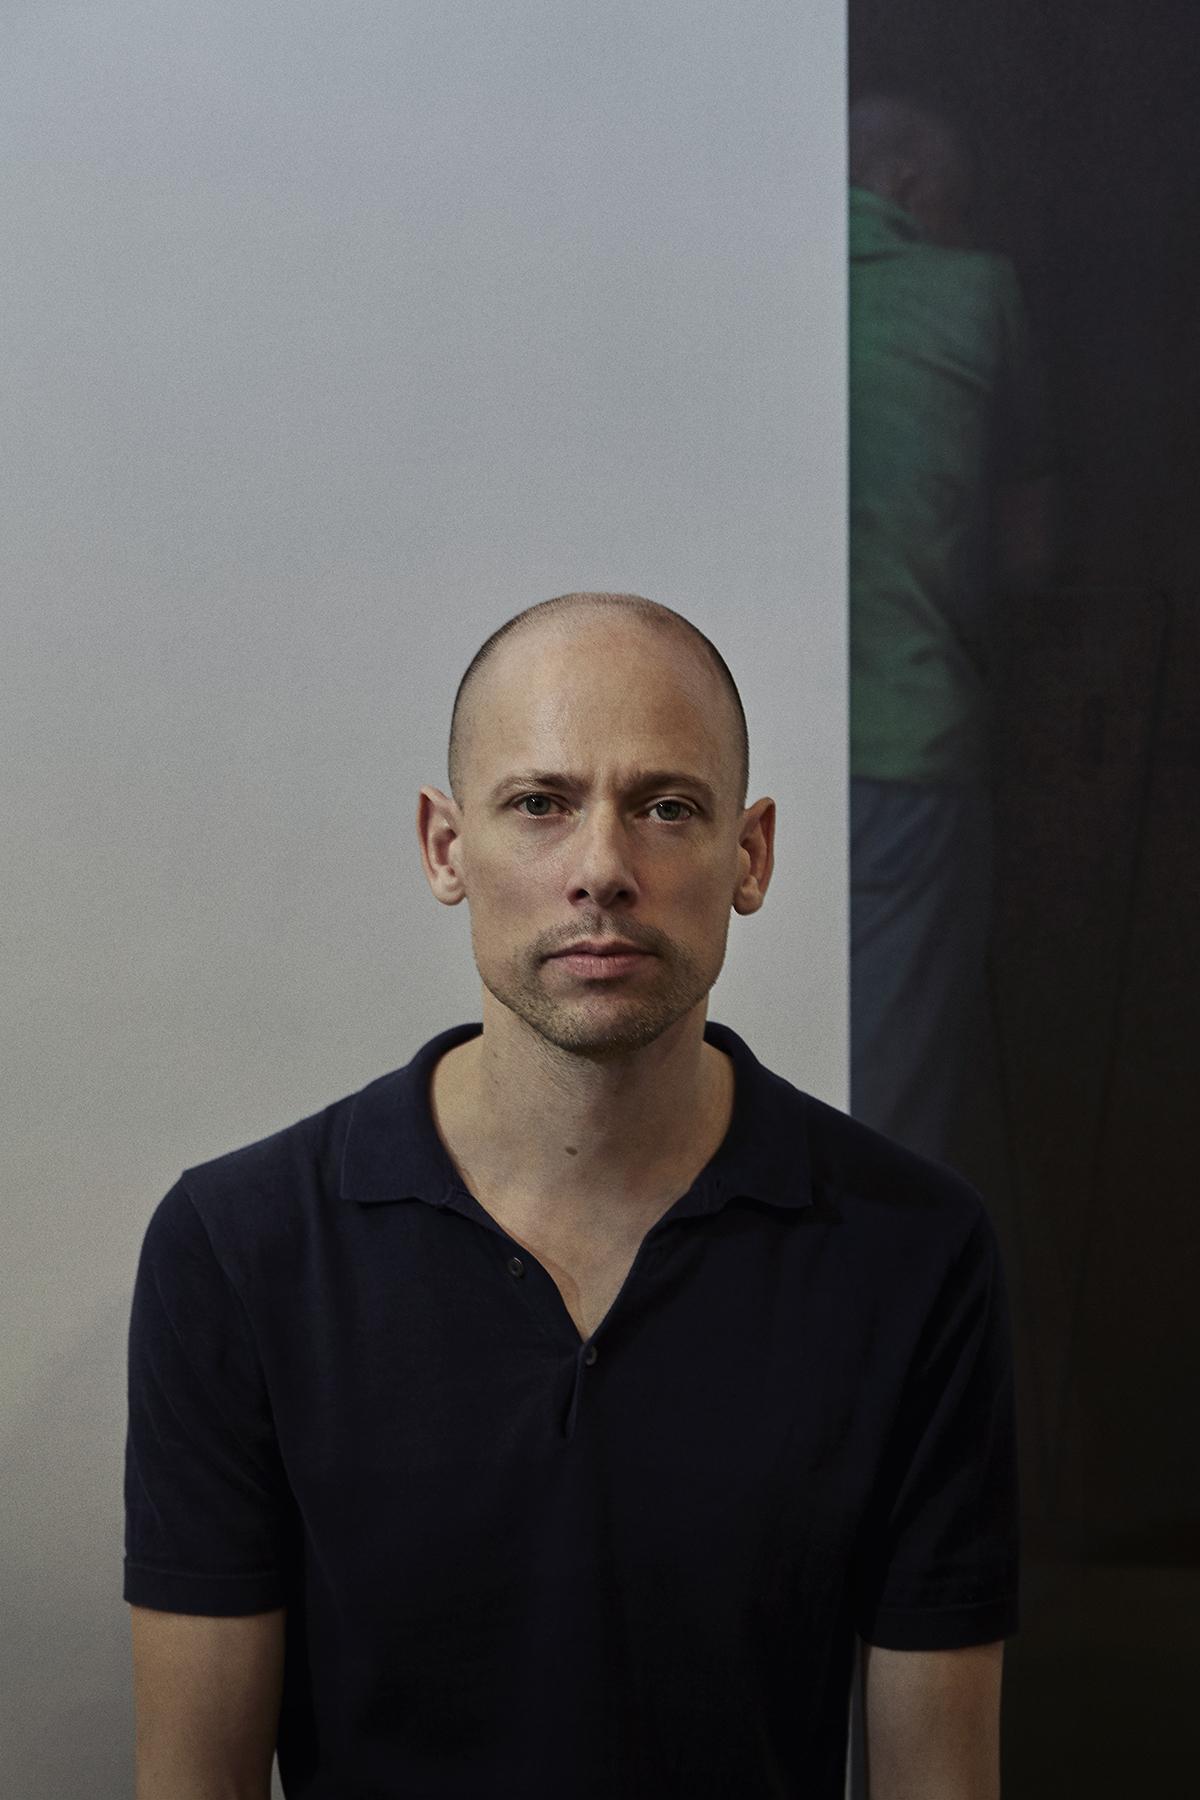 Tim Eitel